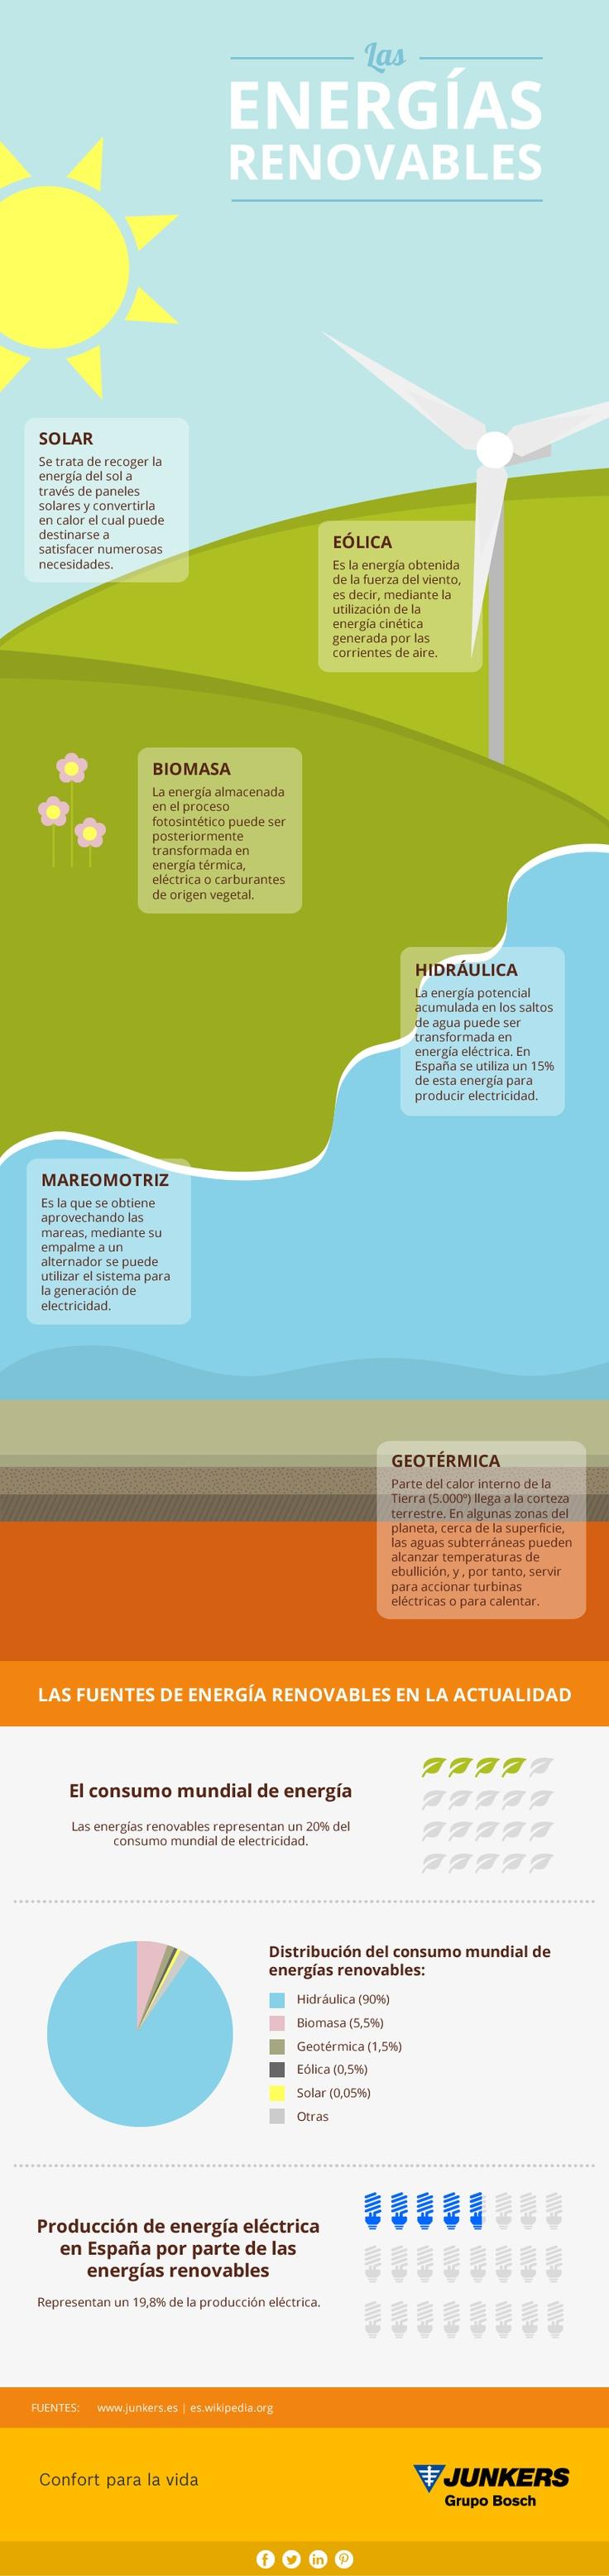 """""""Las fuentes de energía renovables en la actualidad"""" (20% del consumo mundial de energía)."""